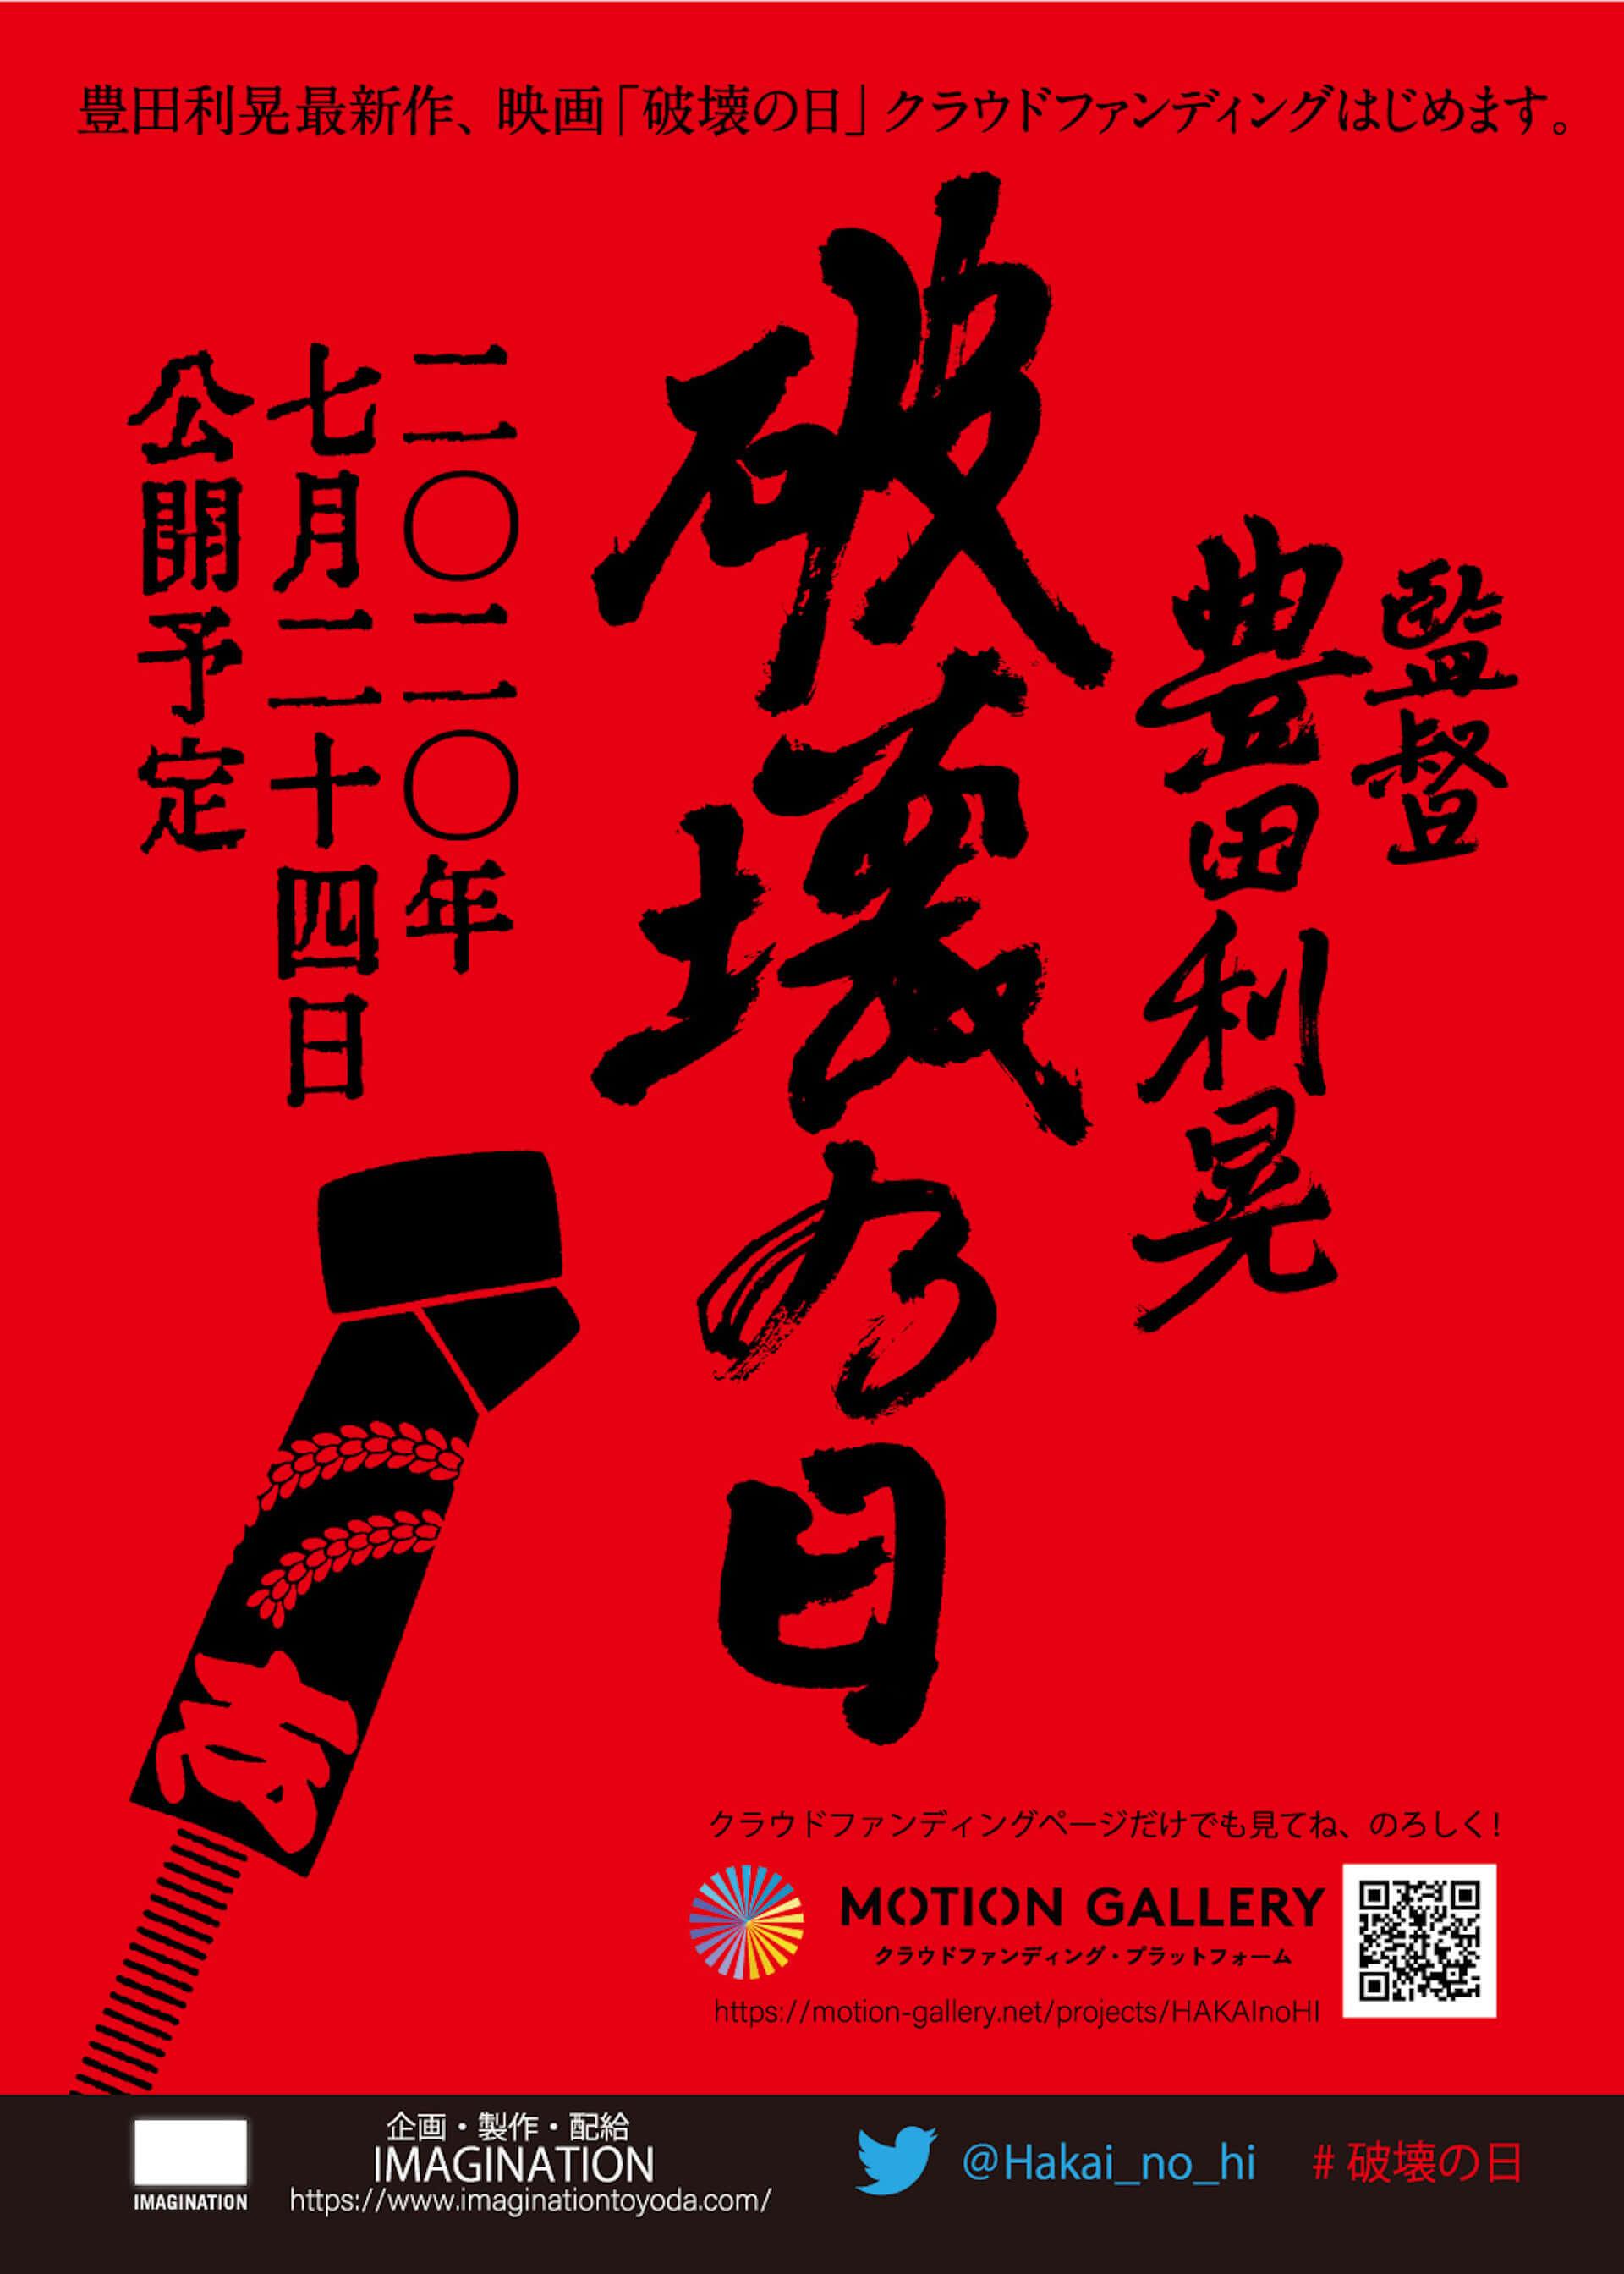 松田龍平、GEZANマヒトら出演映画『破壊の日』とUNDERCOVERのコラボTシャツが発売決定!収益は映画製作支援に 7690039a64bba63767cdb7f04373e8c9-1920x2688